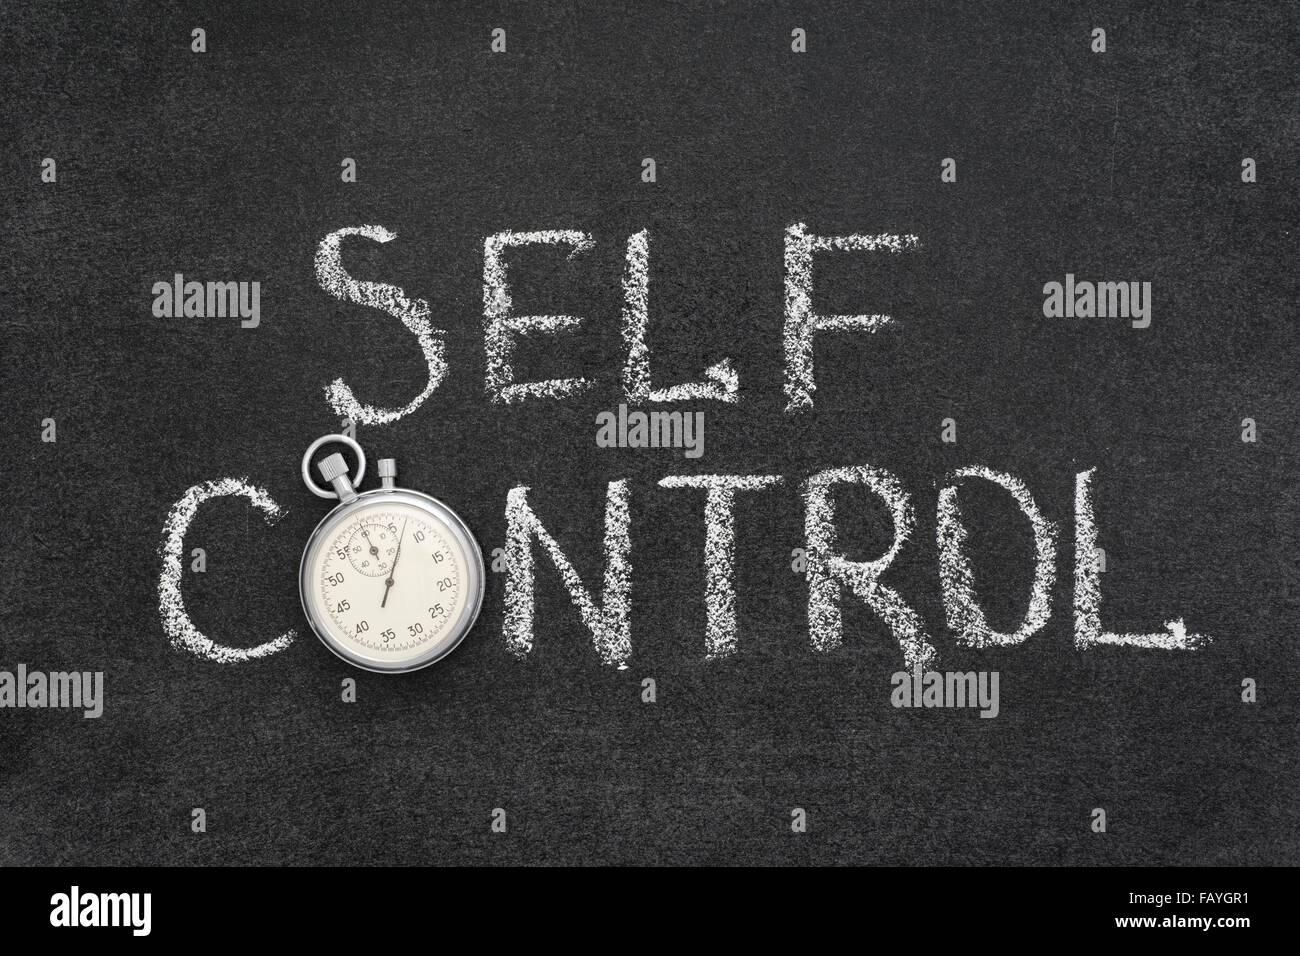 Selbstkontrolle Ausdruck handschriftlich auf Tafel mit Vintage präzise Stoppuhr verwendet anstelle von O Stockbild